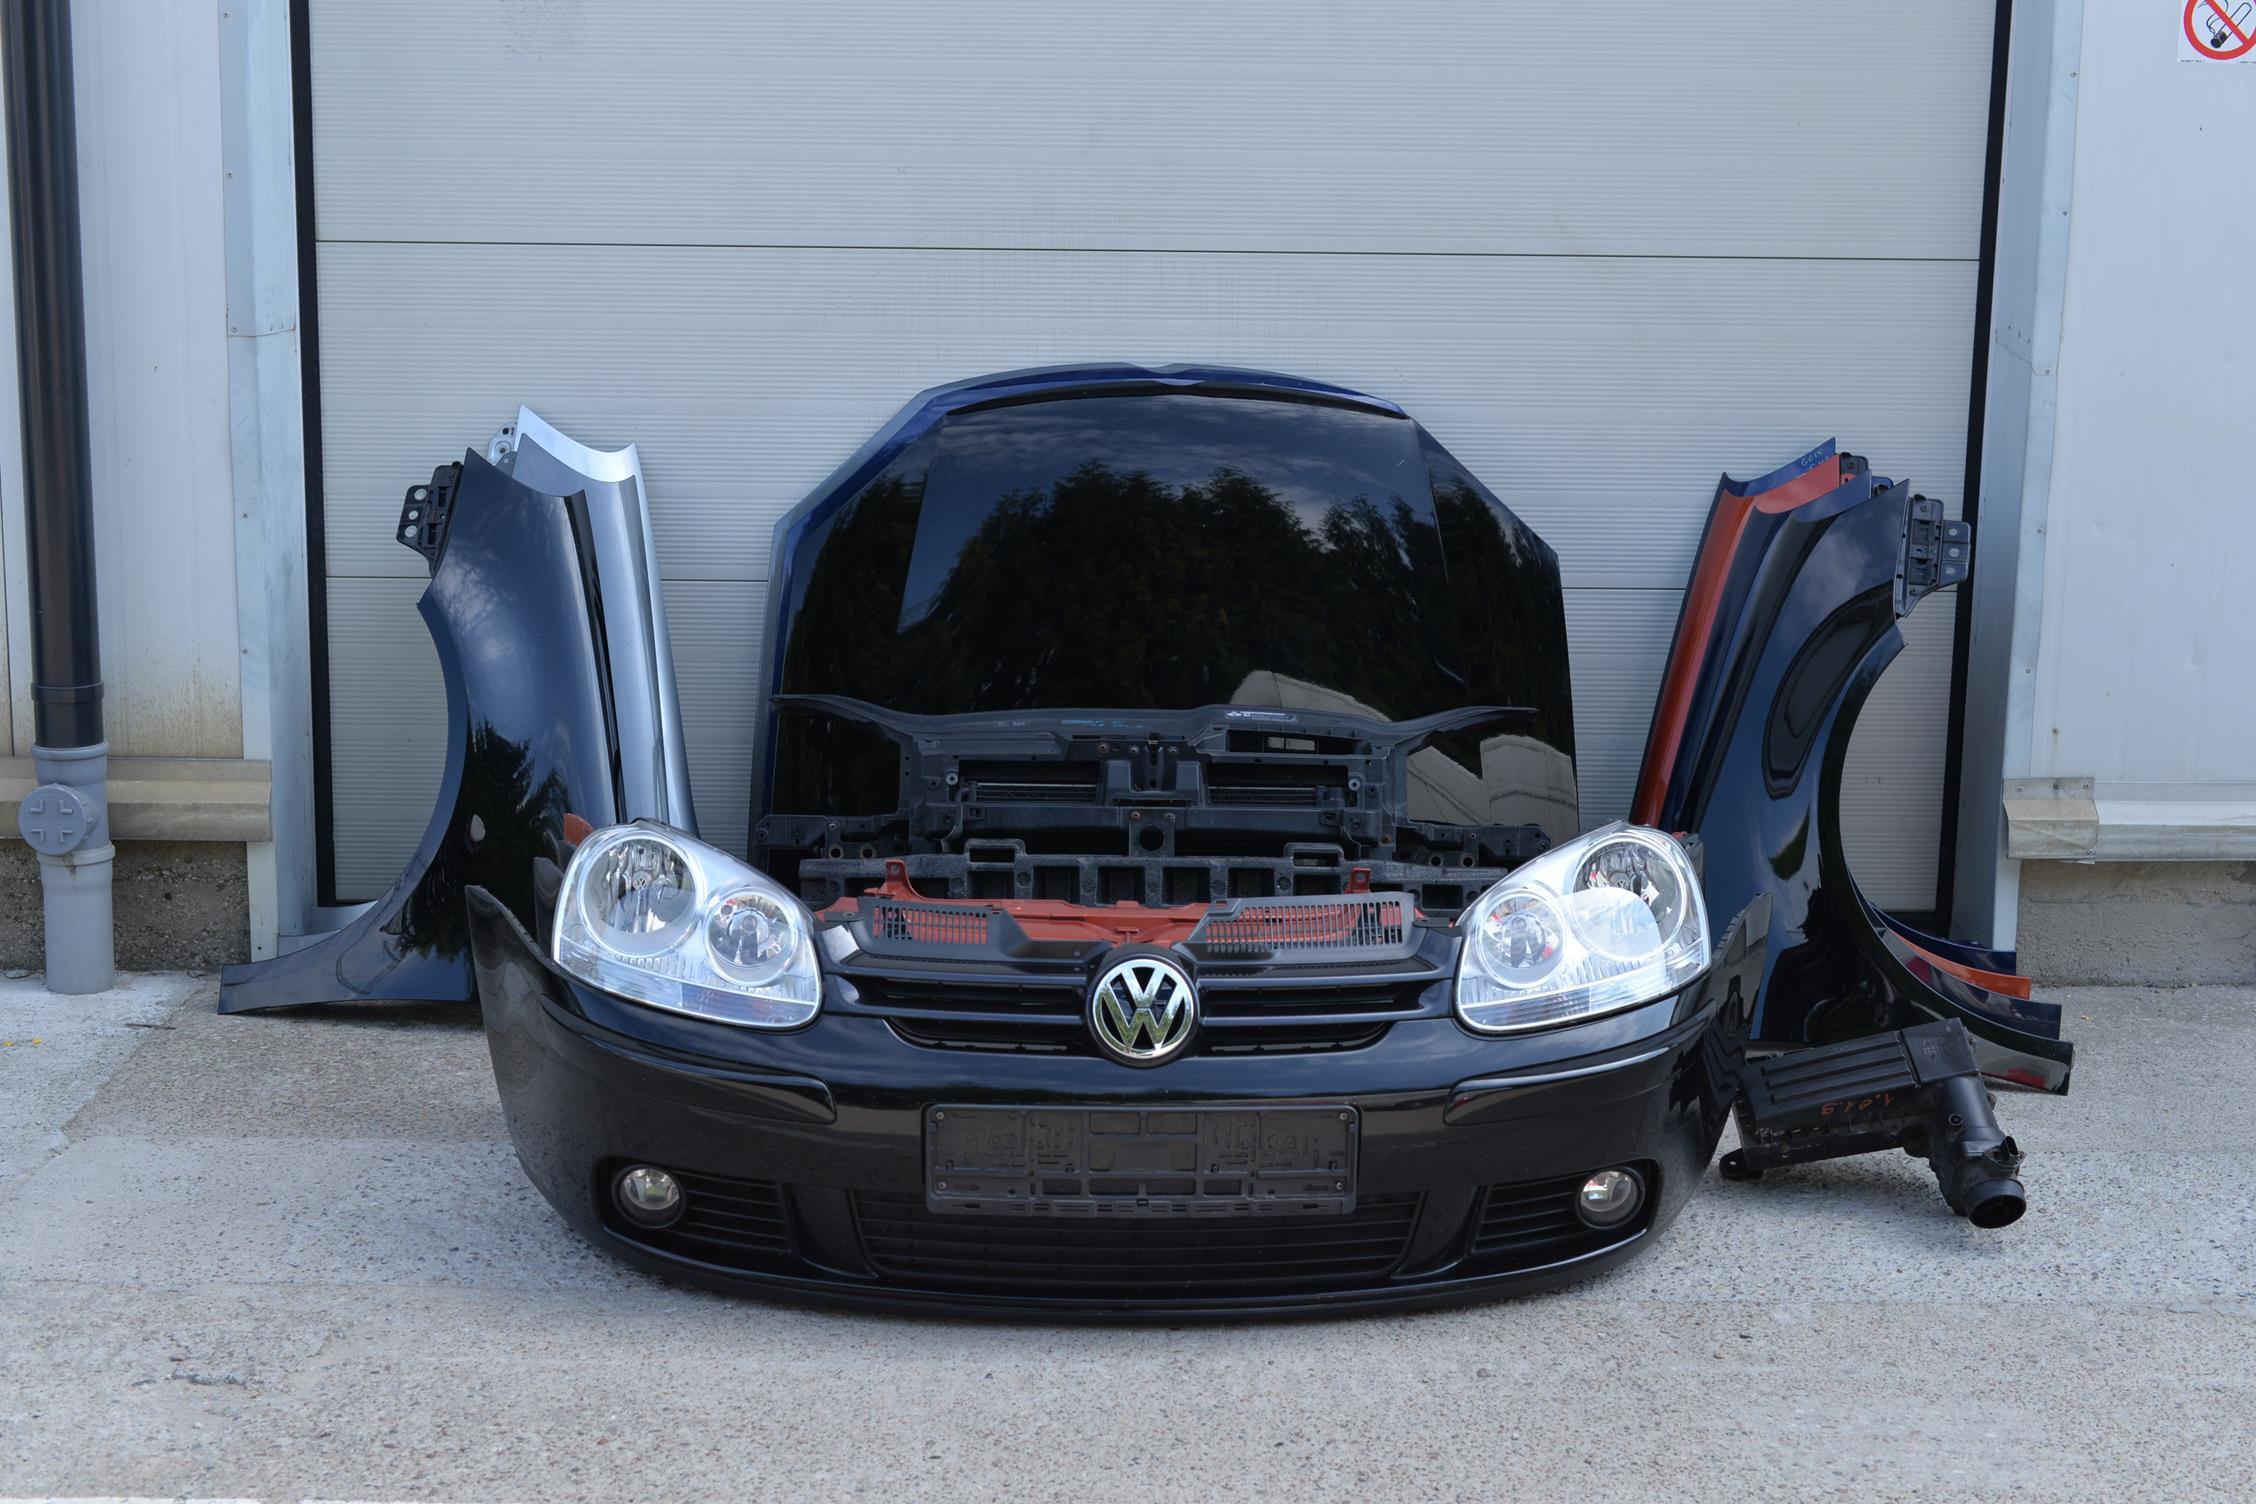 [КАПОТ ZDERZAK КРЫЛО PAS REFLEKTOR VW GOLF V 5 из Польши]изображение